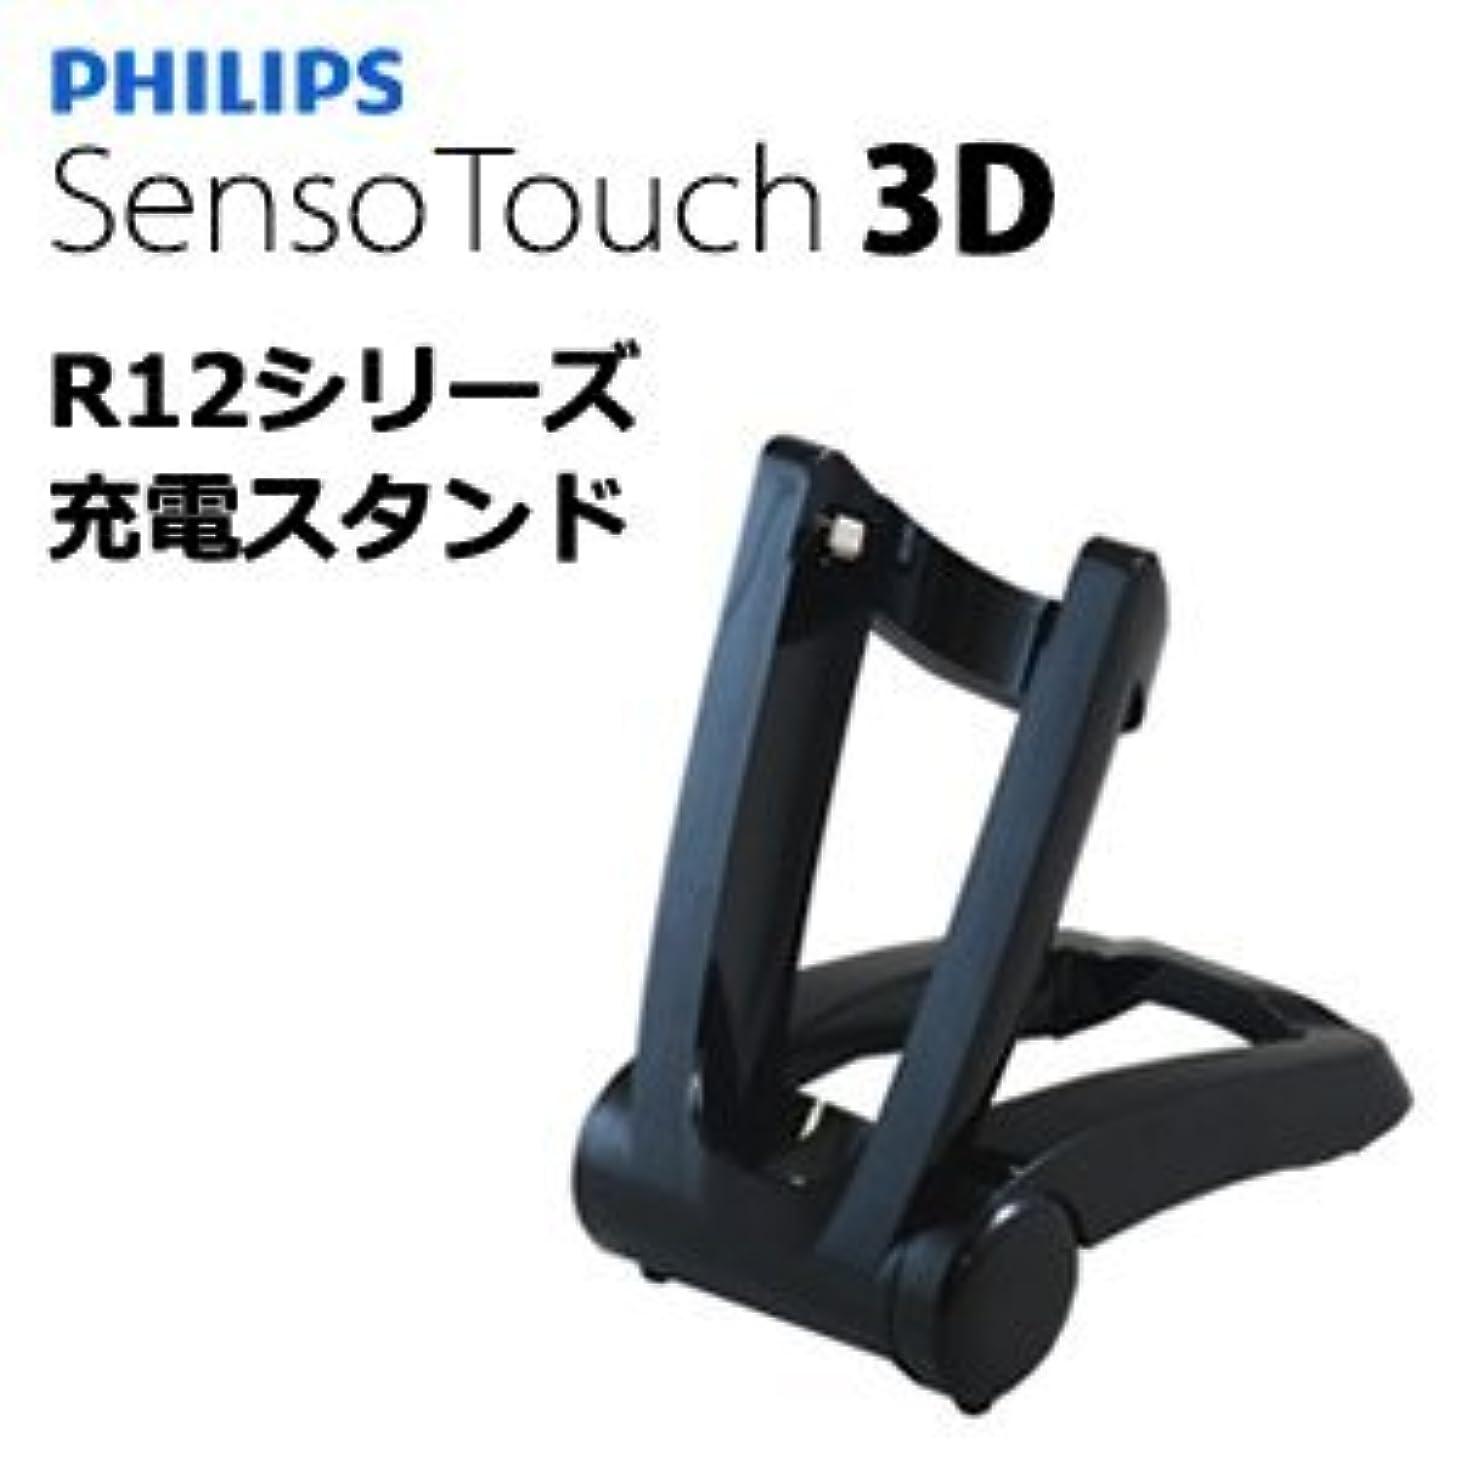 スリチンモイ二あさりPHILIPS 電動シェーバー Senso Touch 3D RQ12シリーズ 充電器 チャージャースタンド フィリップス センソタッチ シリーズ 携帯 充電器 チャージャー スタンド